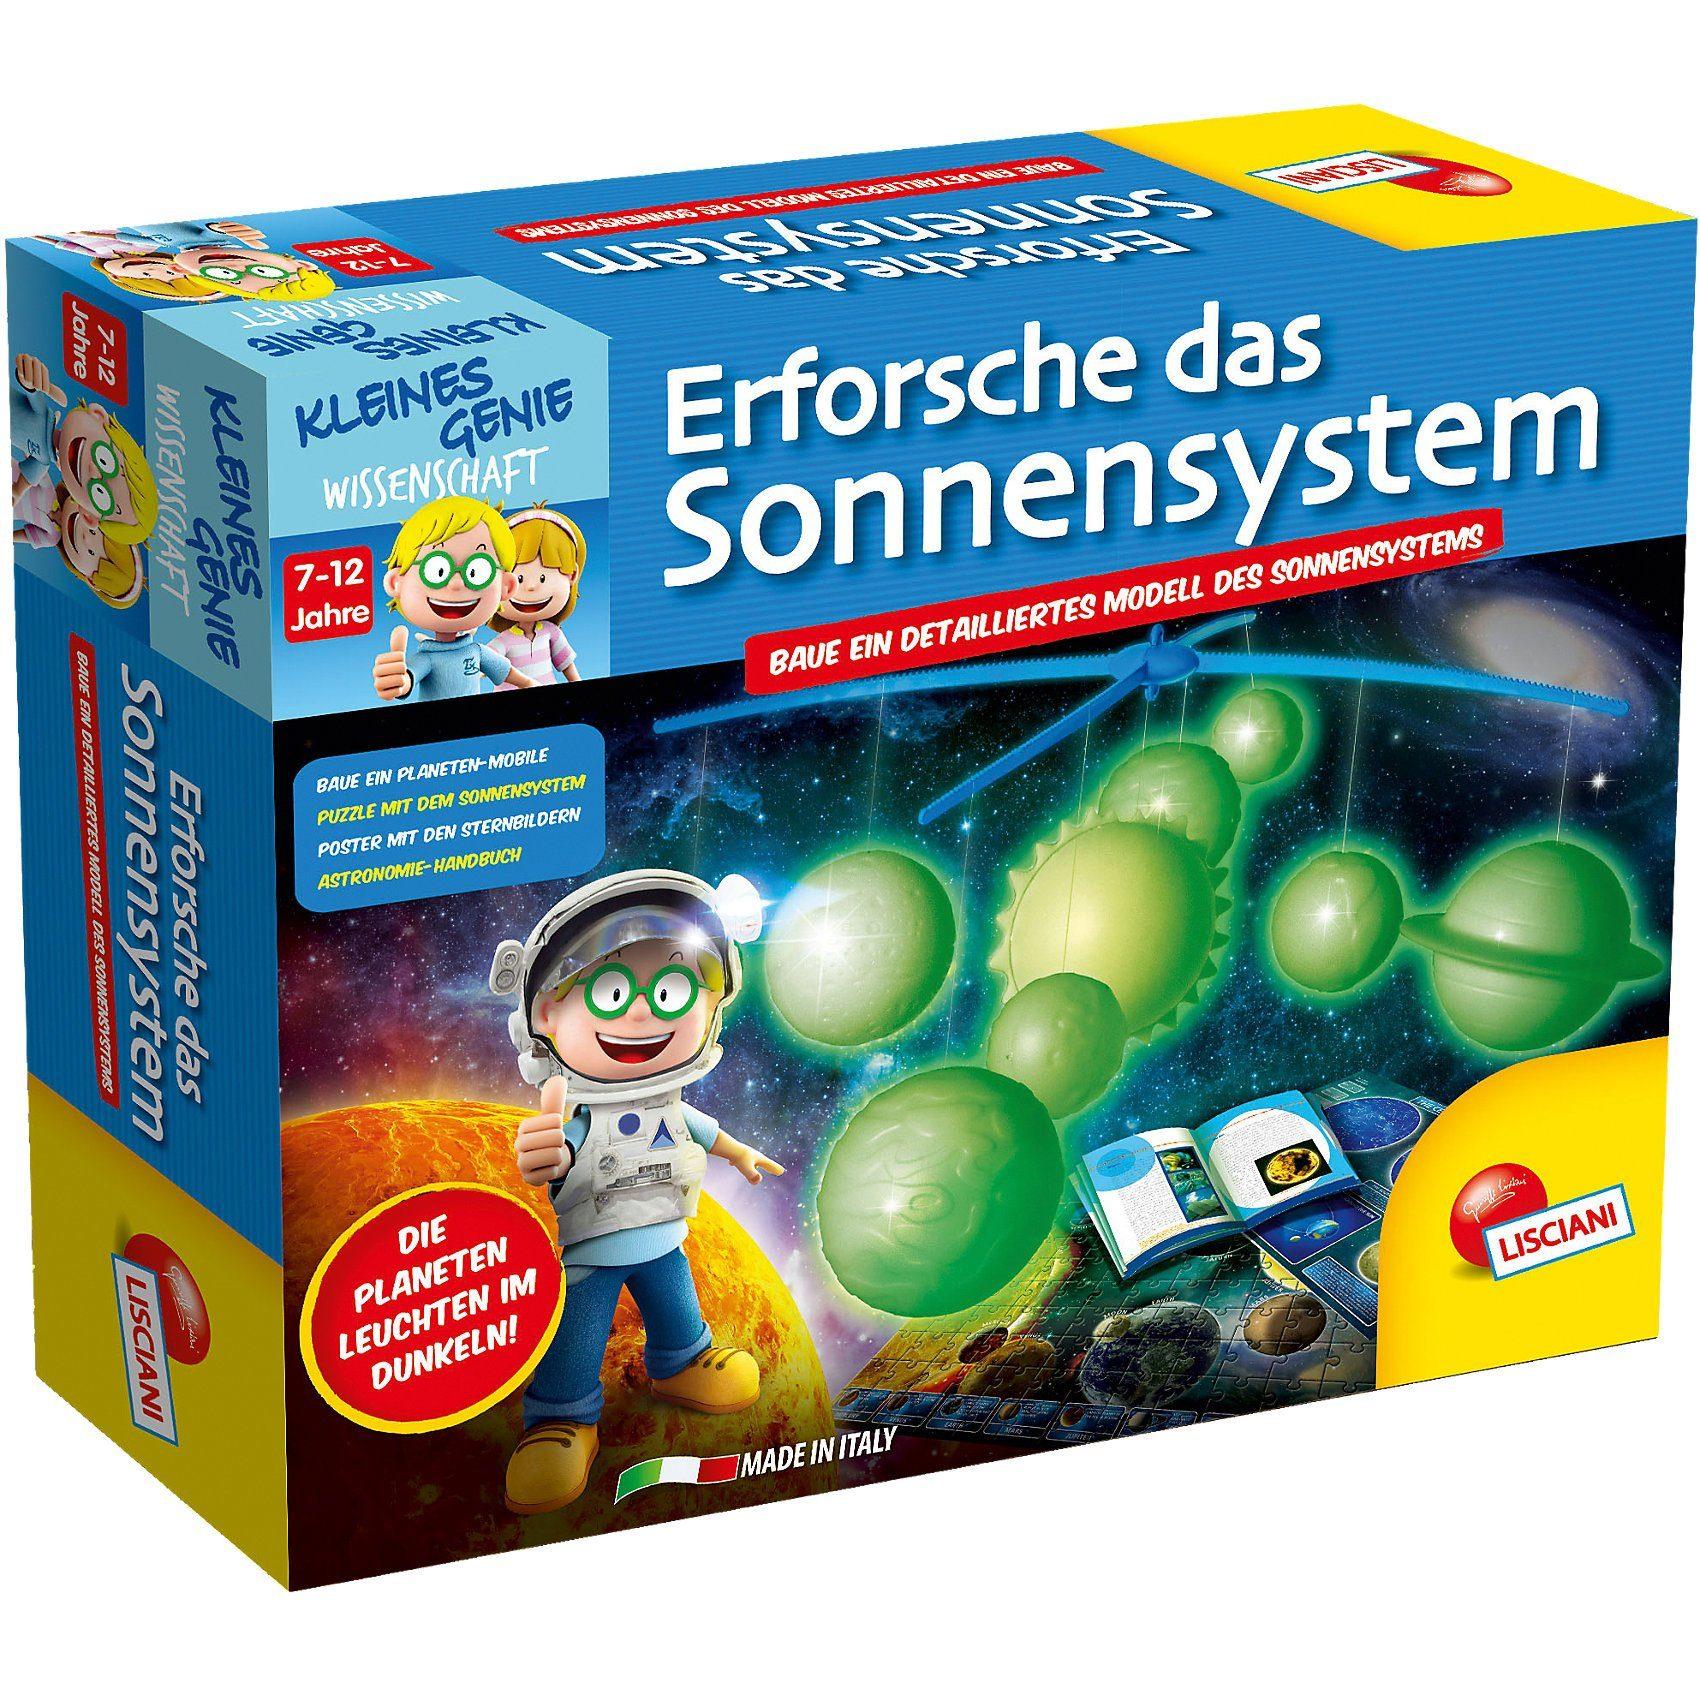 Lisciani Kleines Genie - Erforsche das Sonnensystem